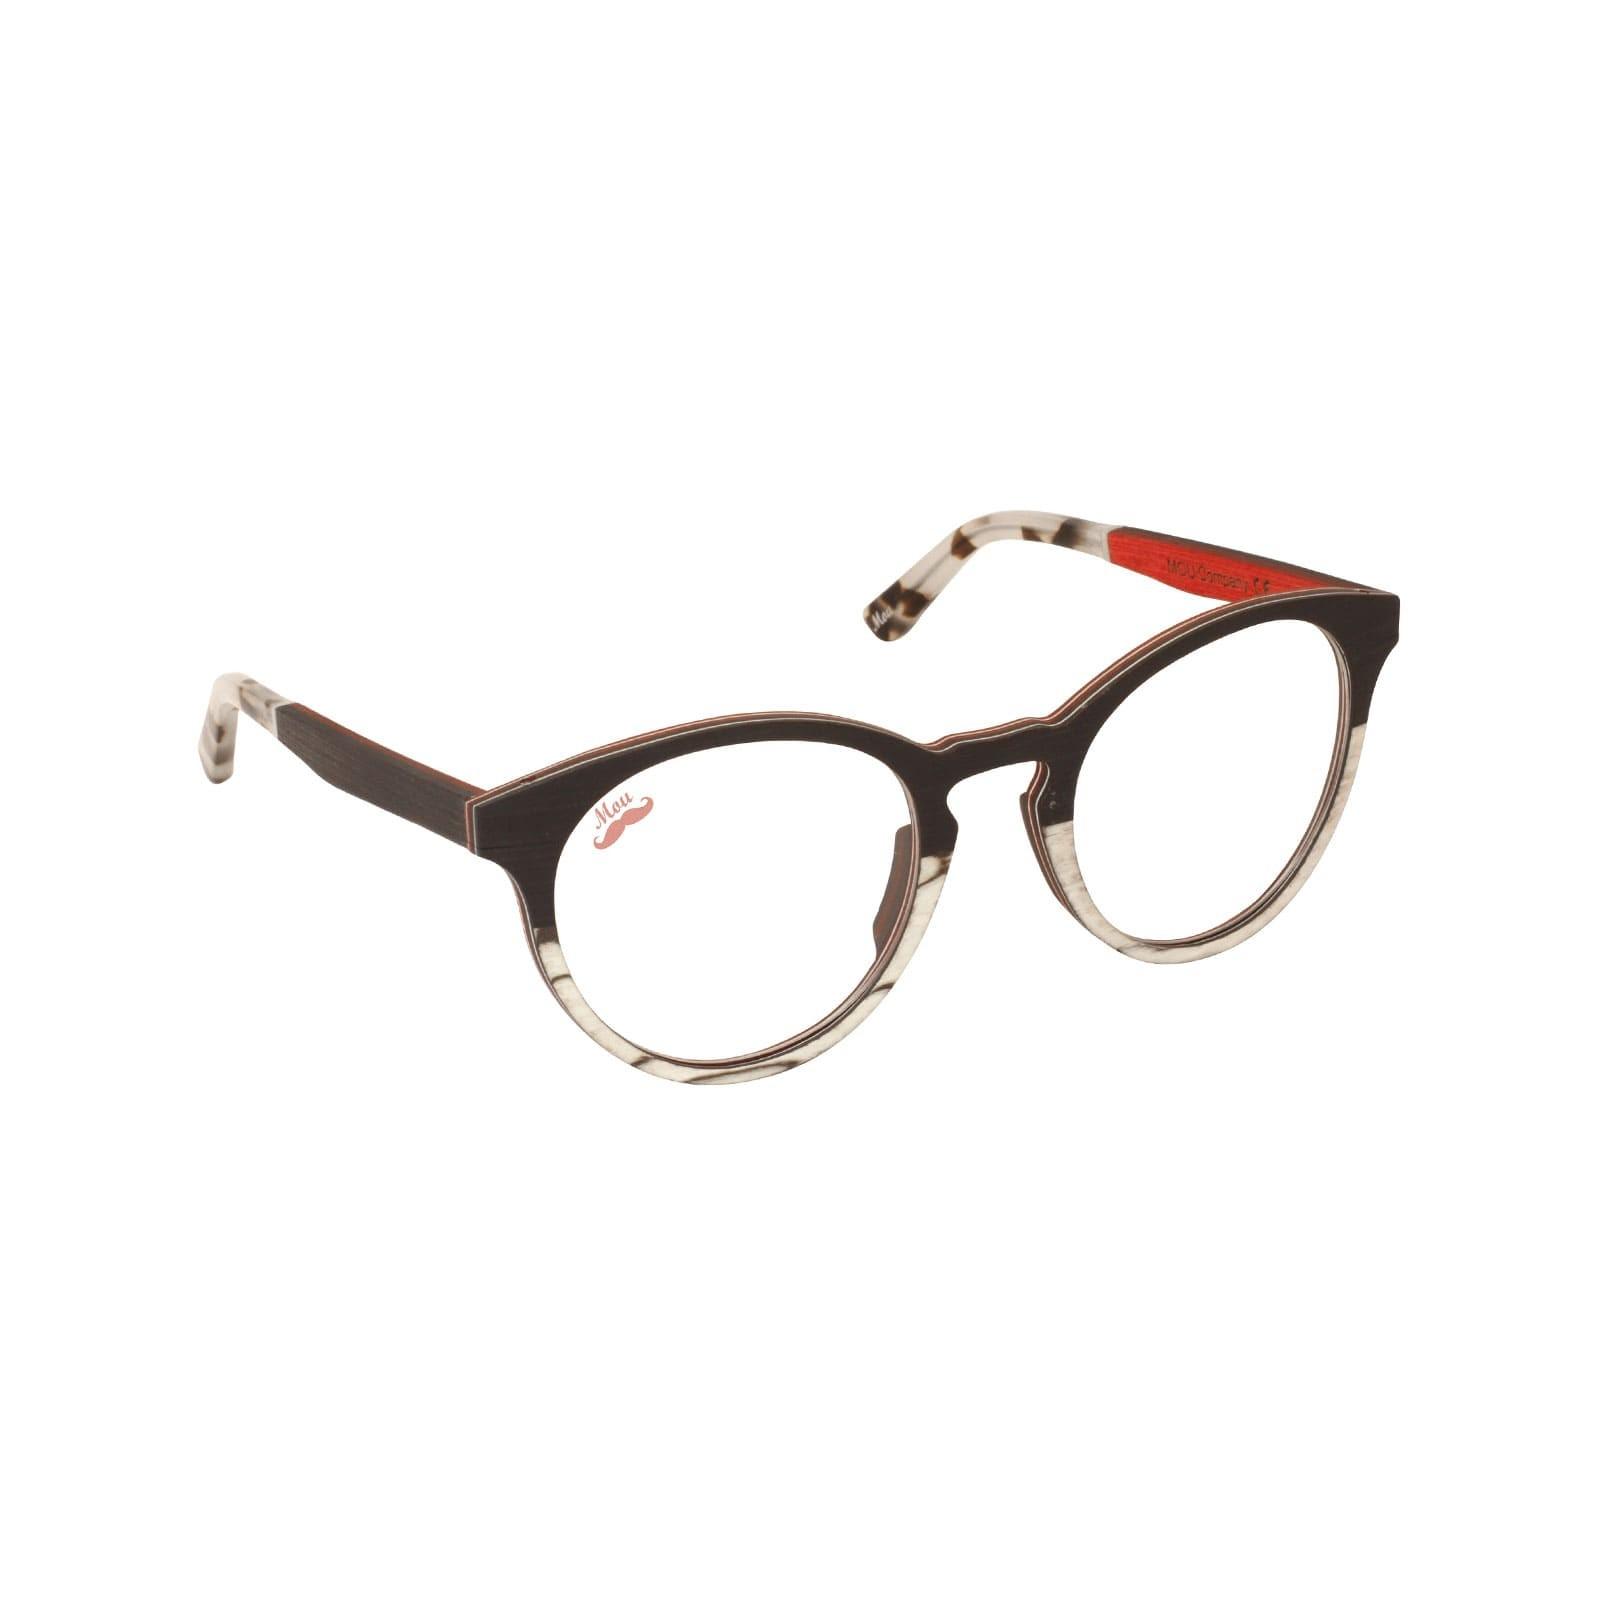 Lunettes de vue en bois d'ébene et zébrano blanc - Red Collection BASTA